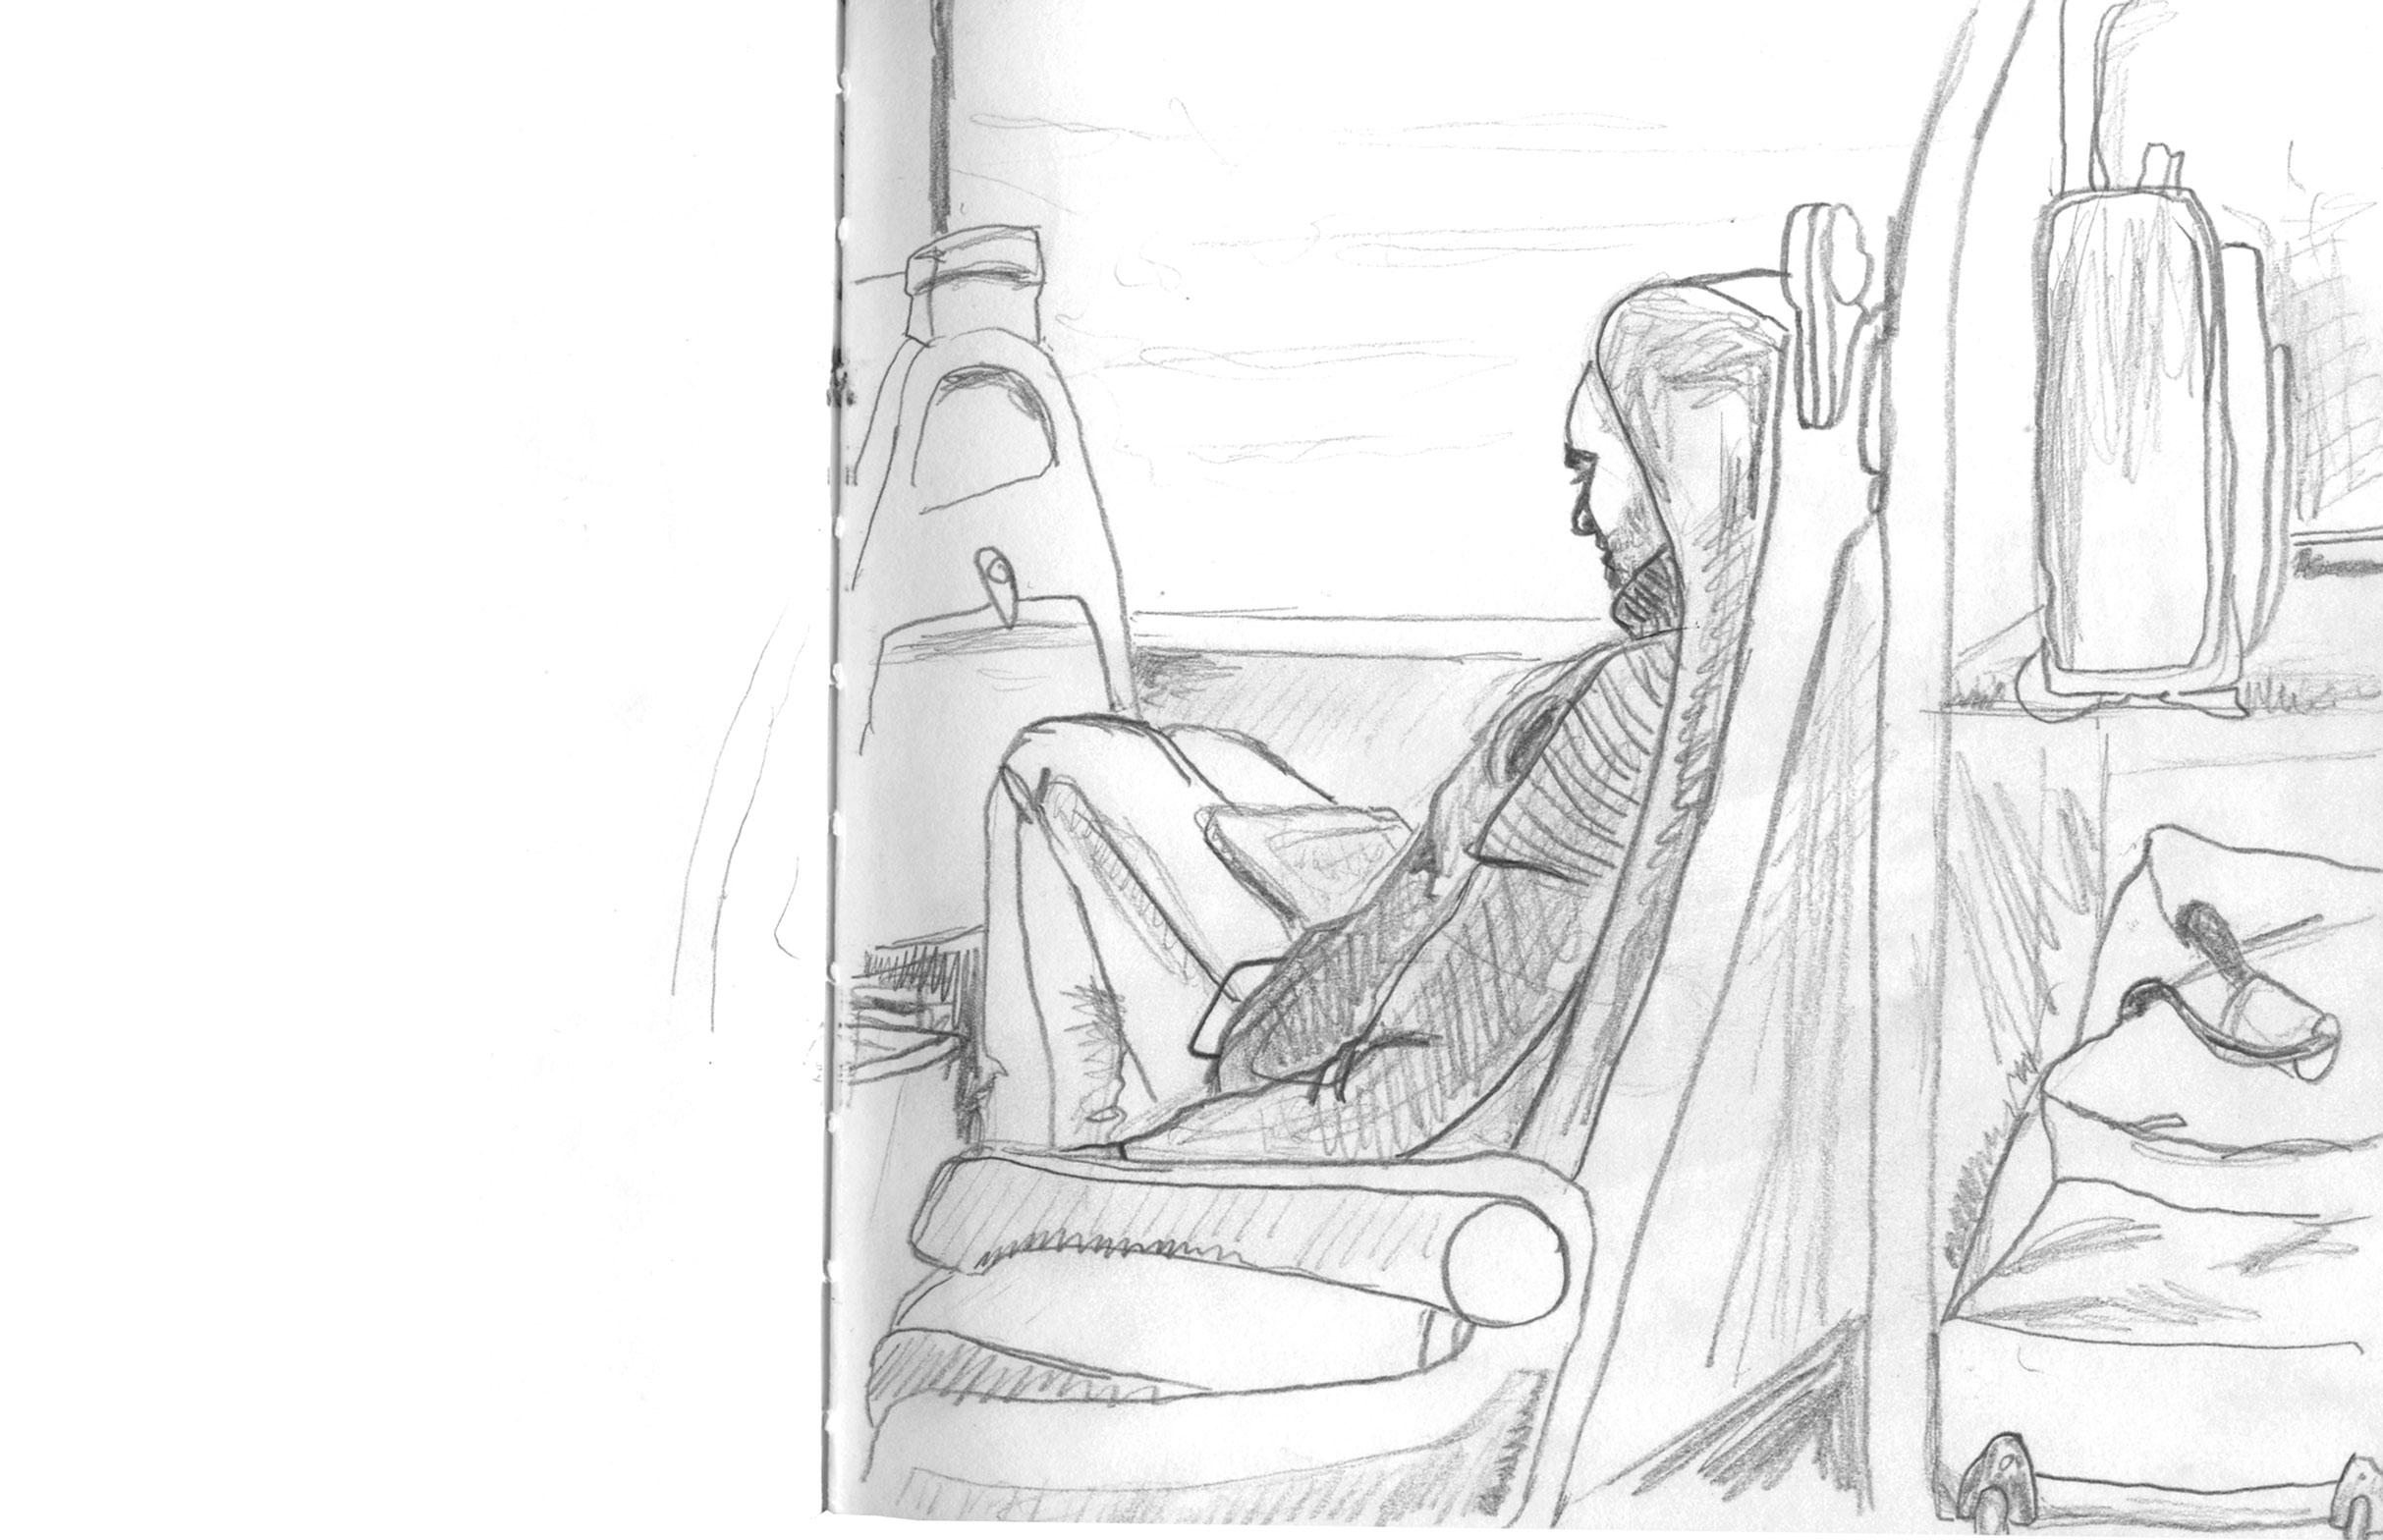 sketch of commuter sketch people walking by ellen vesters illustrator ma childrens book illustration